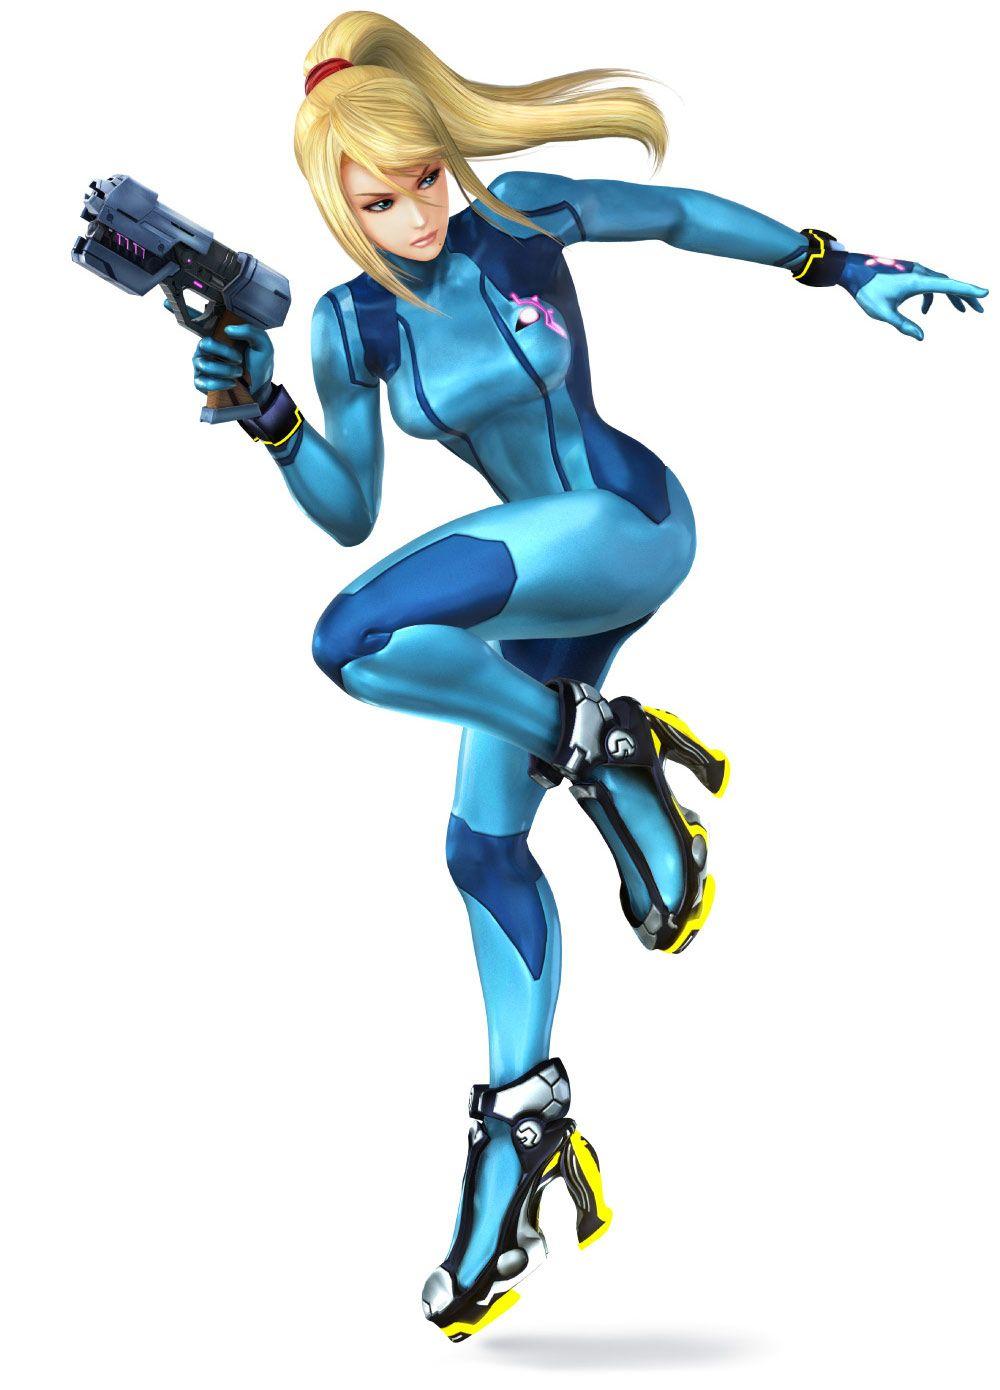 Zero Suit Samus Super Smash Bros For 3ds And Wii U Super Smash Bros Personagem Em 3d Metroid